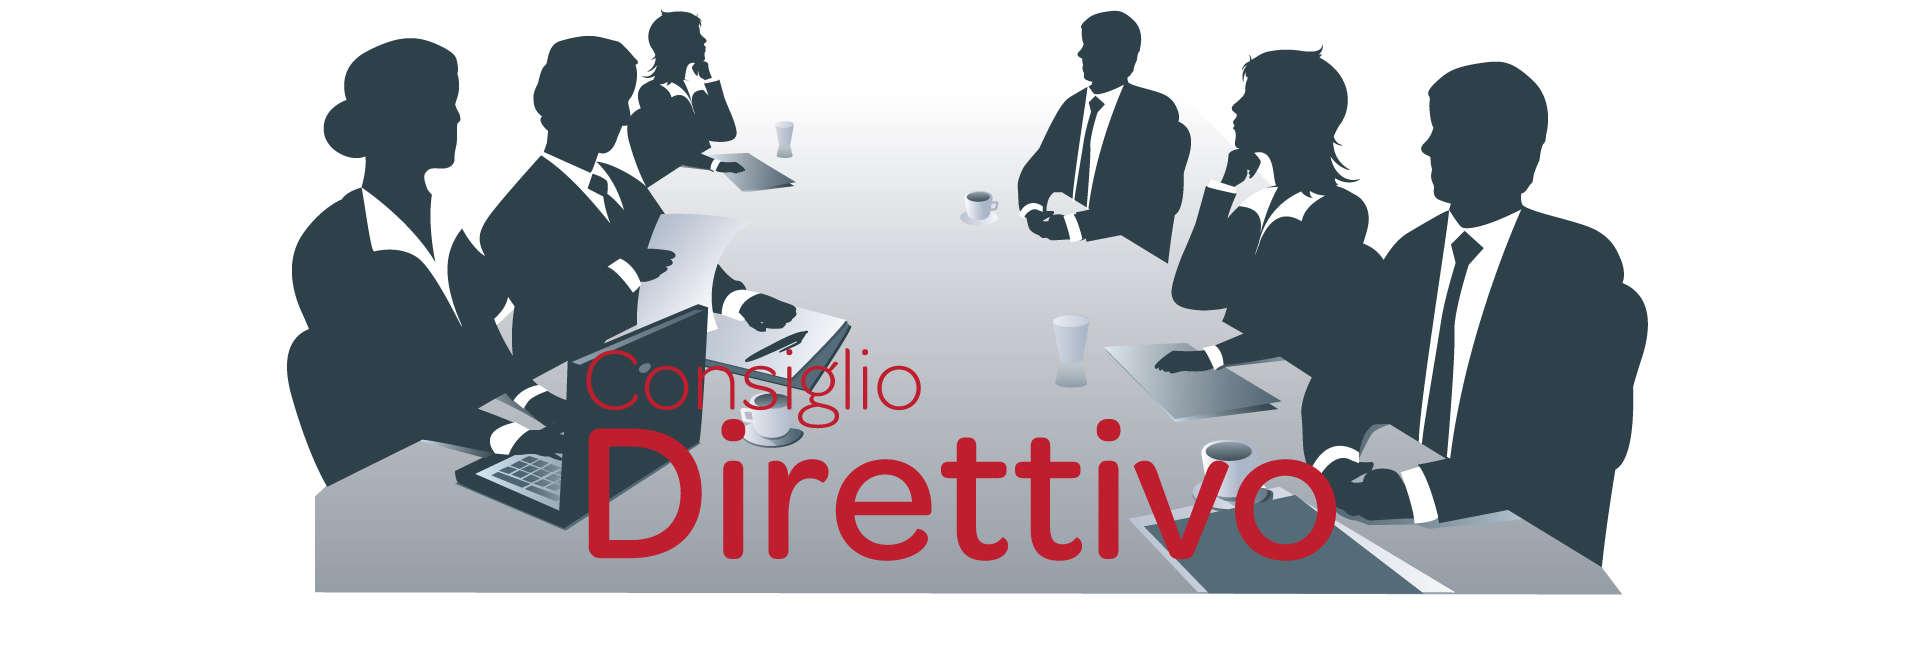 07 Consiglio Direttivo